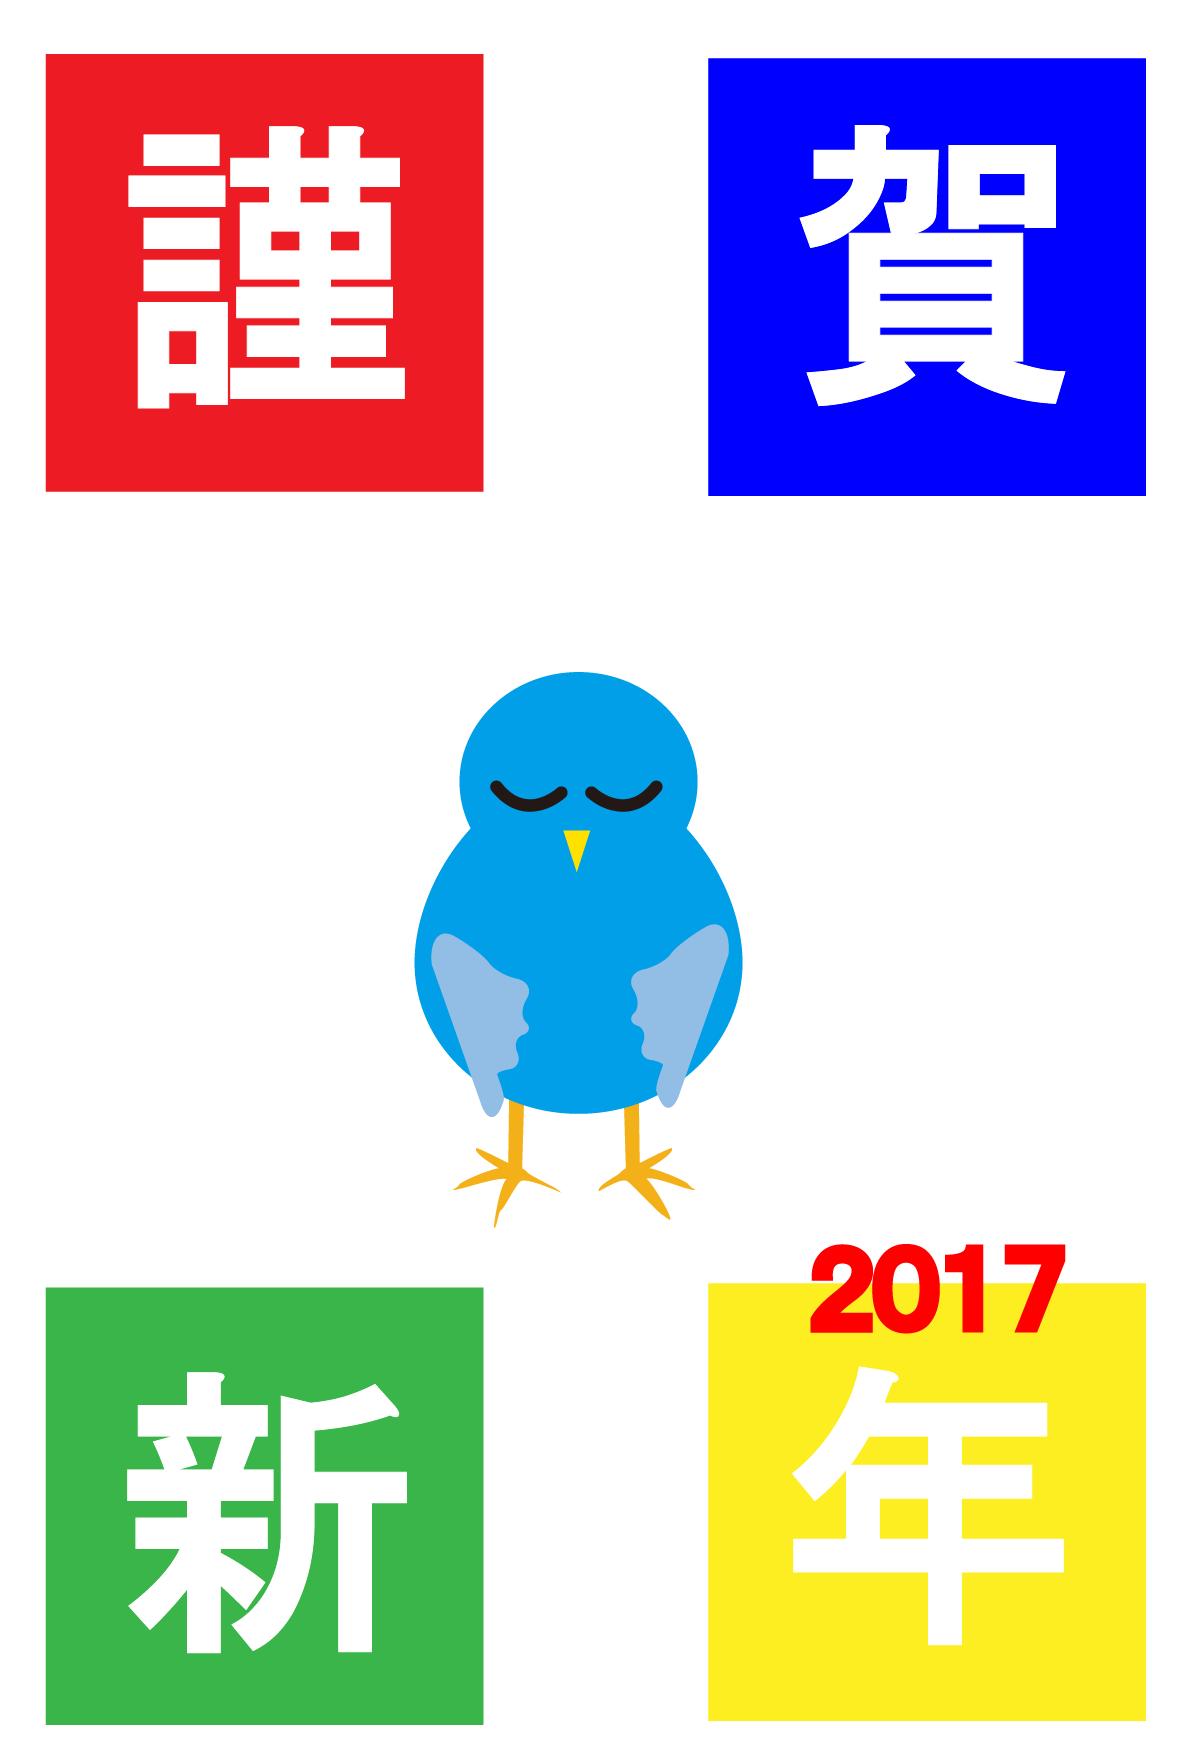 新年の挨拶をする青い鳥のイラスト付き(文字なし)